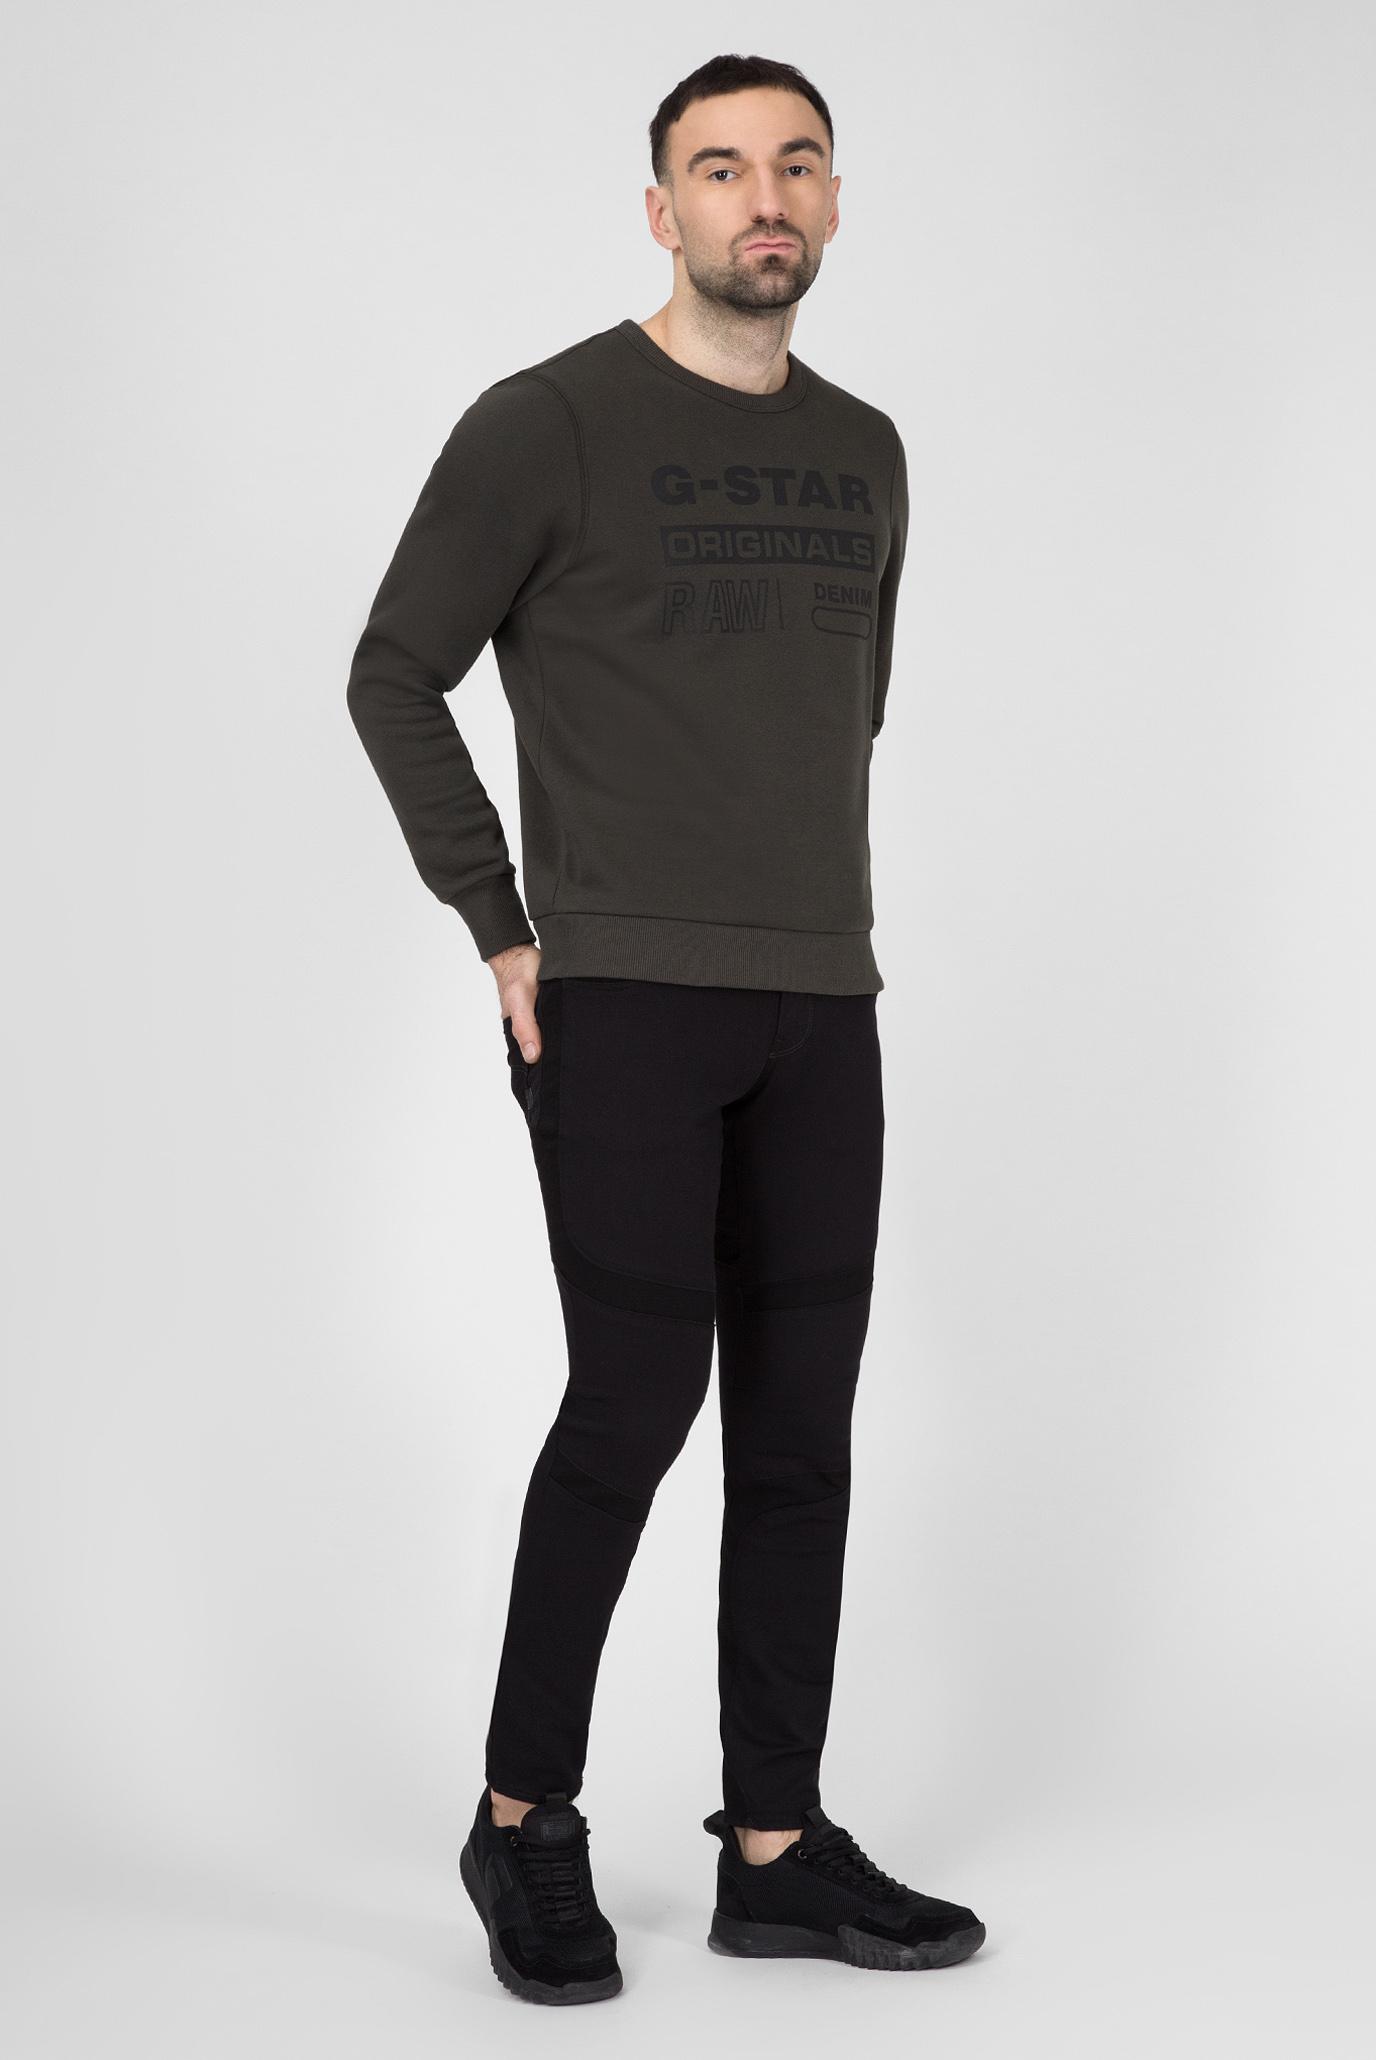 Купить Мужские черные джинсы MOTAC-0 G-Star RAW G-Star RAW D11070,8970 – Киев, Украина. Цены в интернет магазине MD Fashion